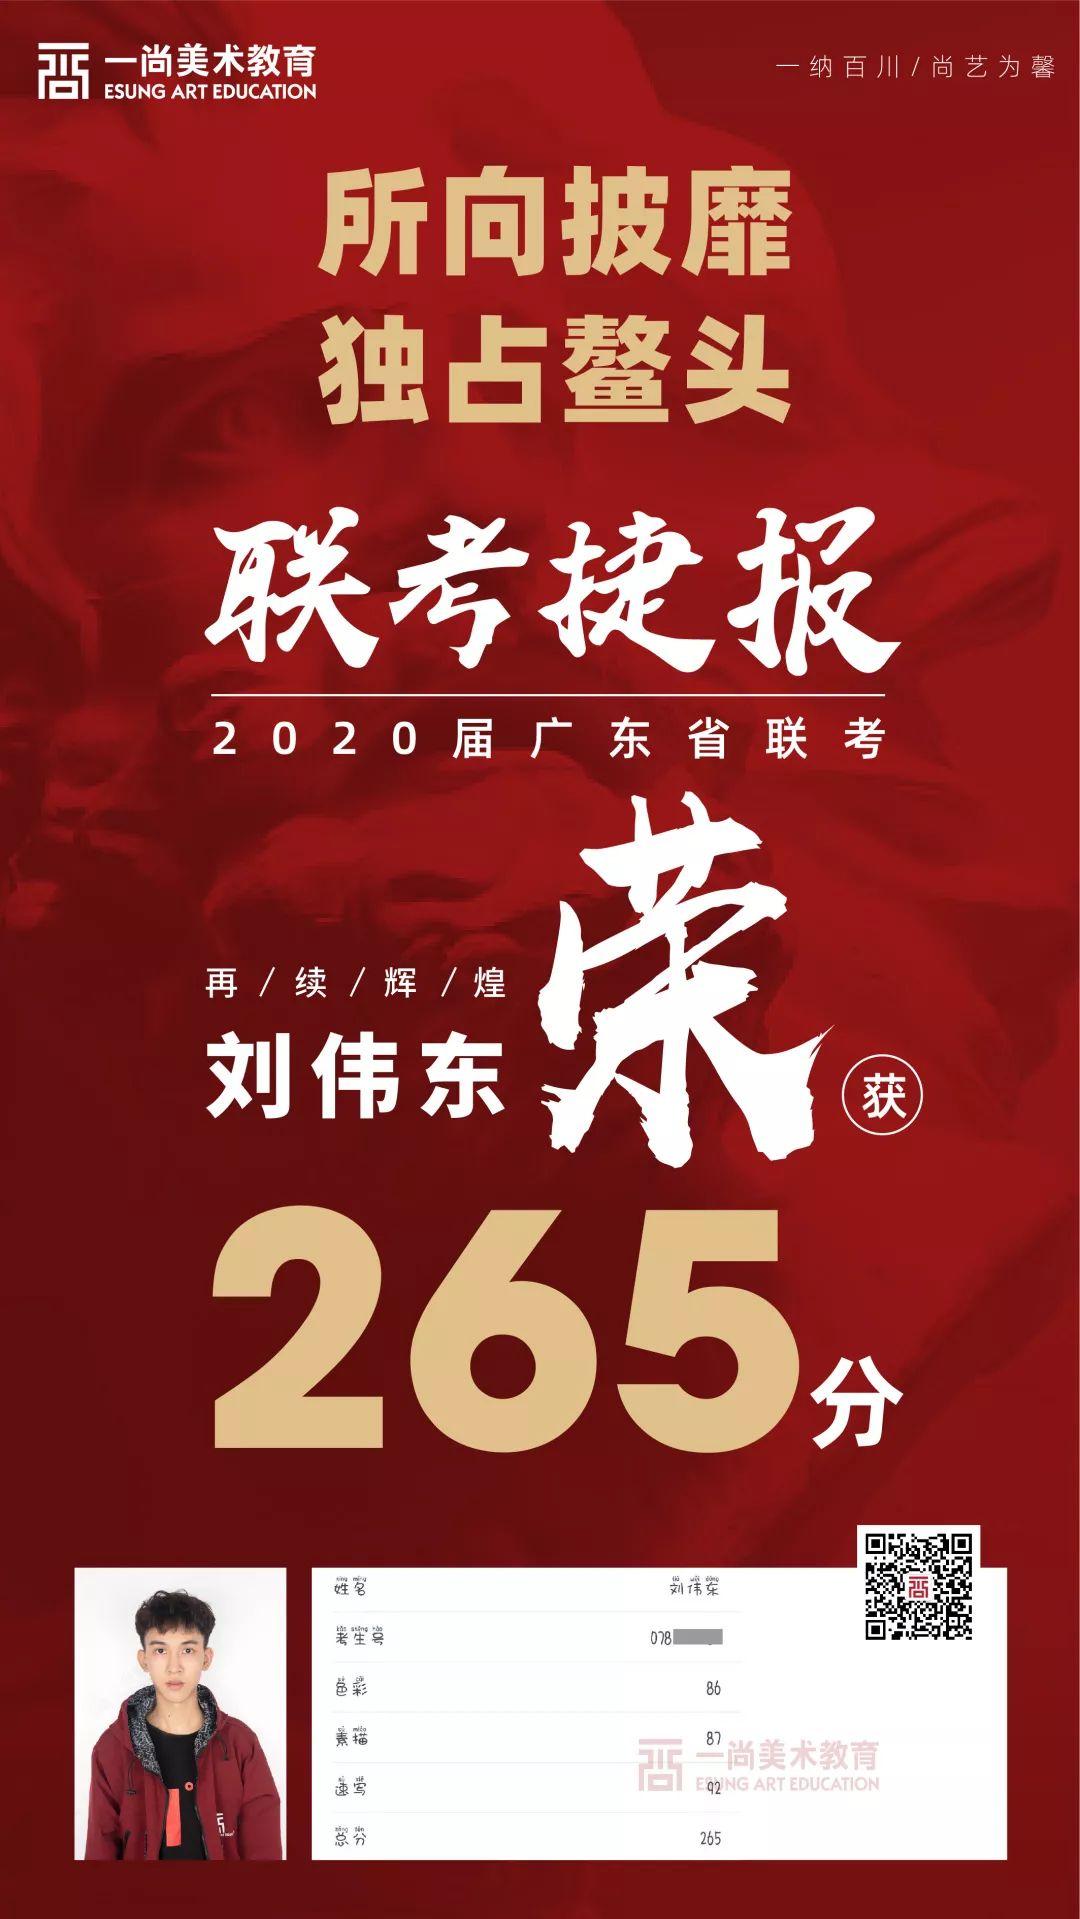 广州度岸画室,广东美术联考,广州美术培训         02